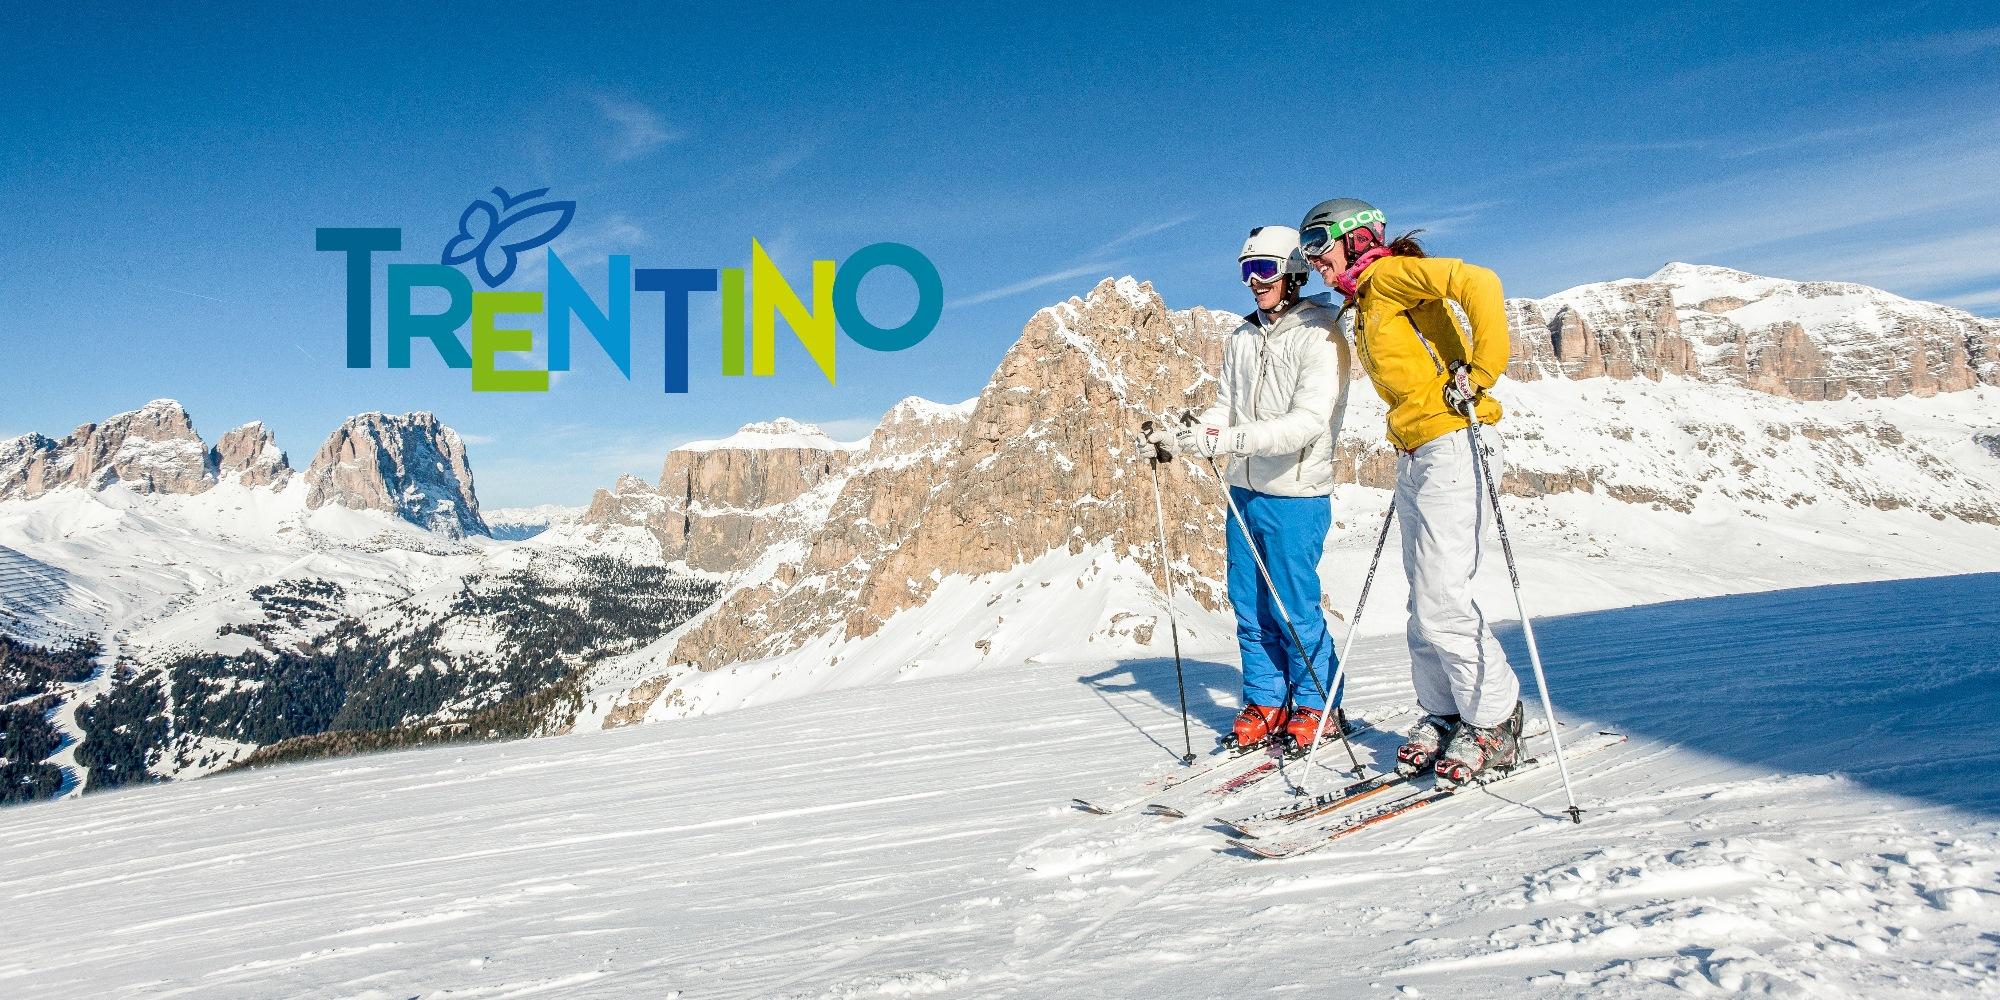 Trentino_main2_big_2000x1000